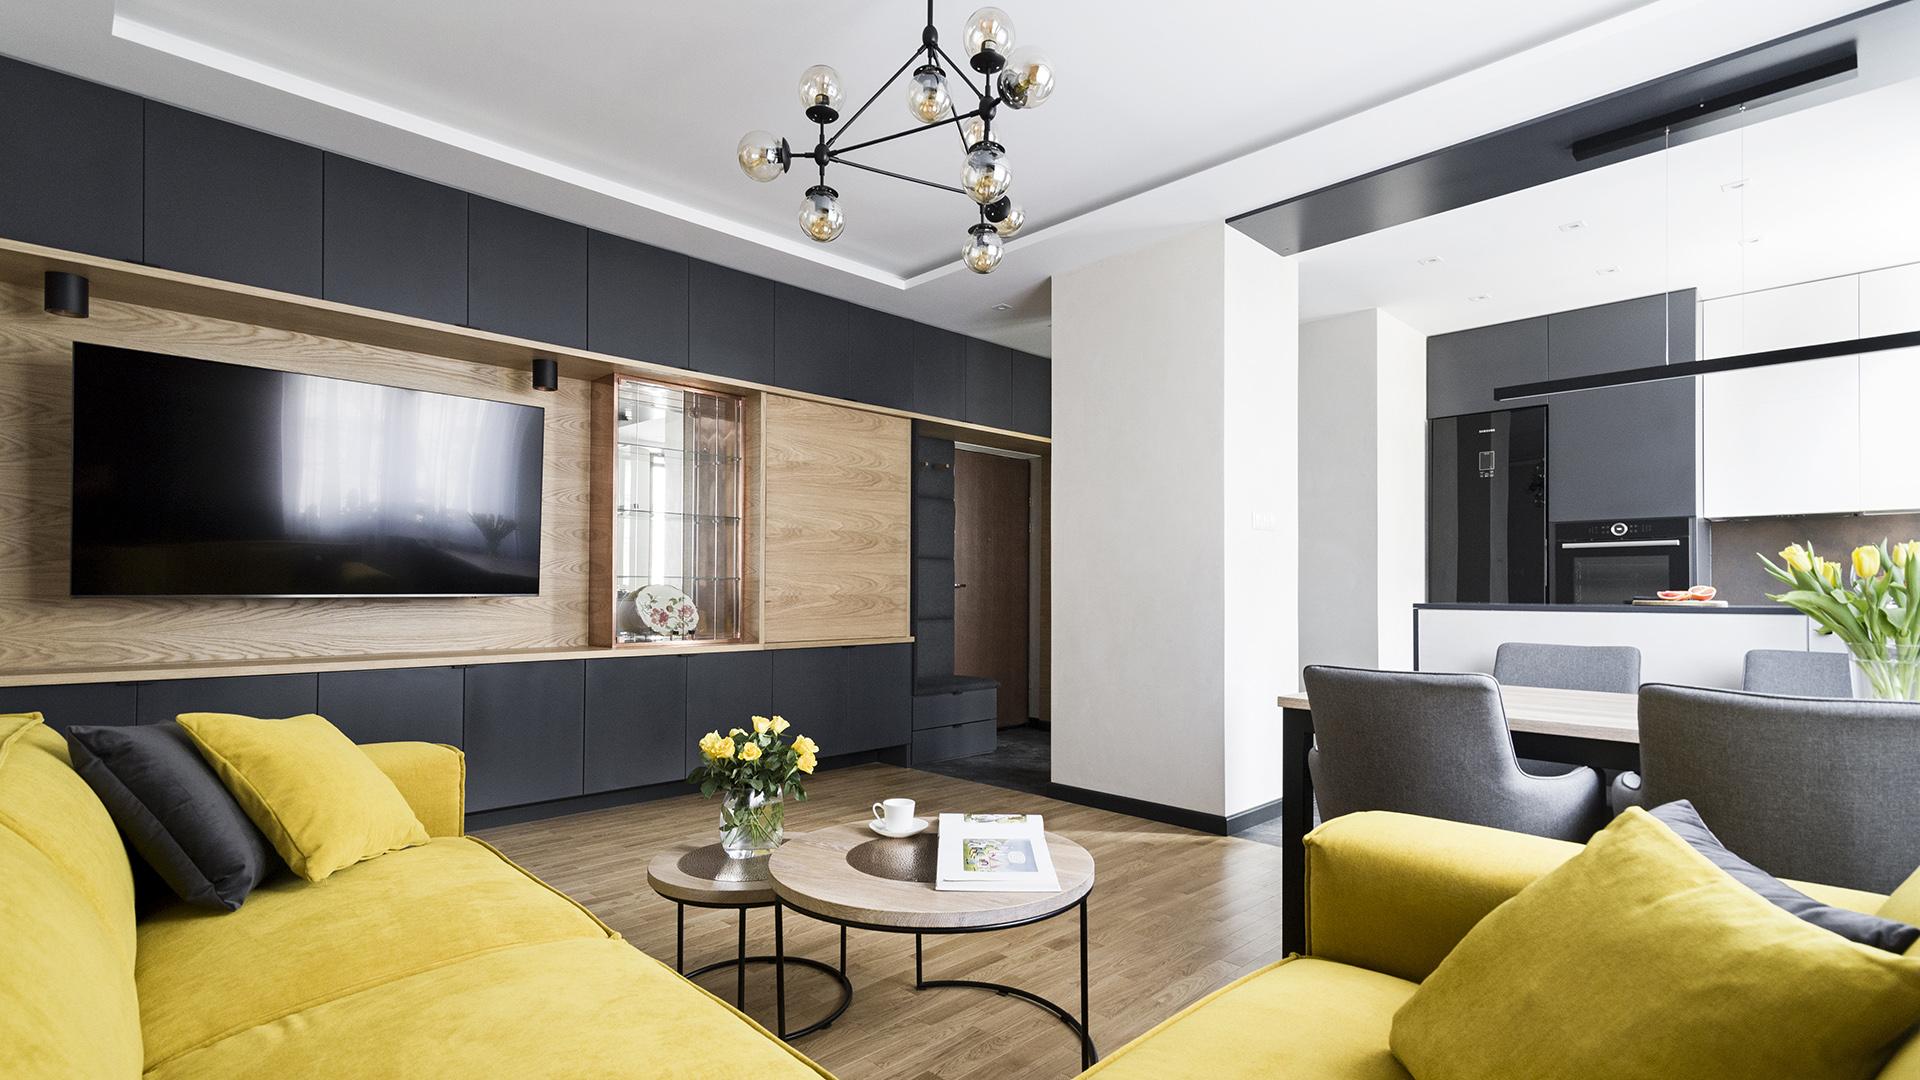 wnętrza, portfolio, ogrodowa, mieszkanie, projektowanie wnętrz, lublin